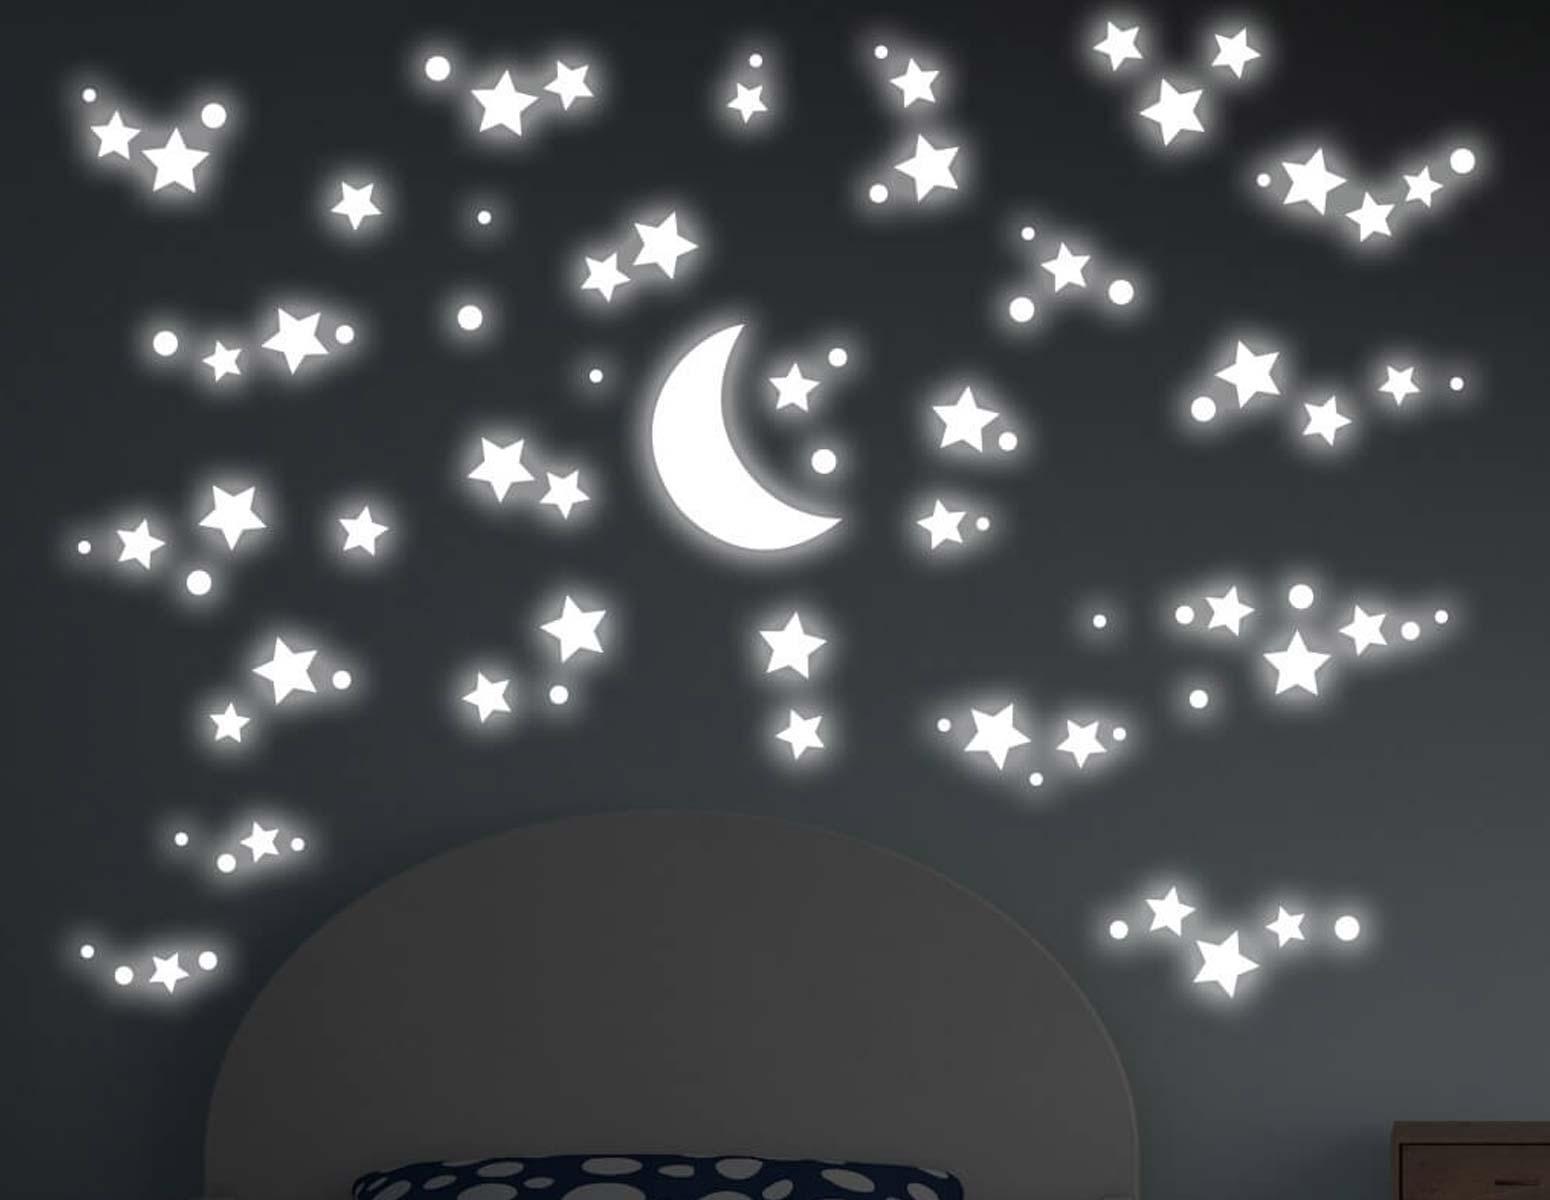 Αυτοκόλλητο Τοίχου Φωσφοριζέ Starry Night Ango 200×150εκ. 18109 – ango – ANGO_18109